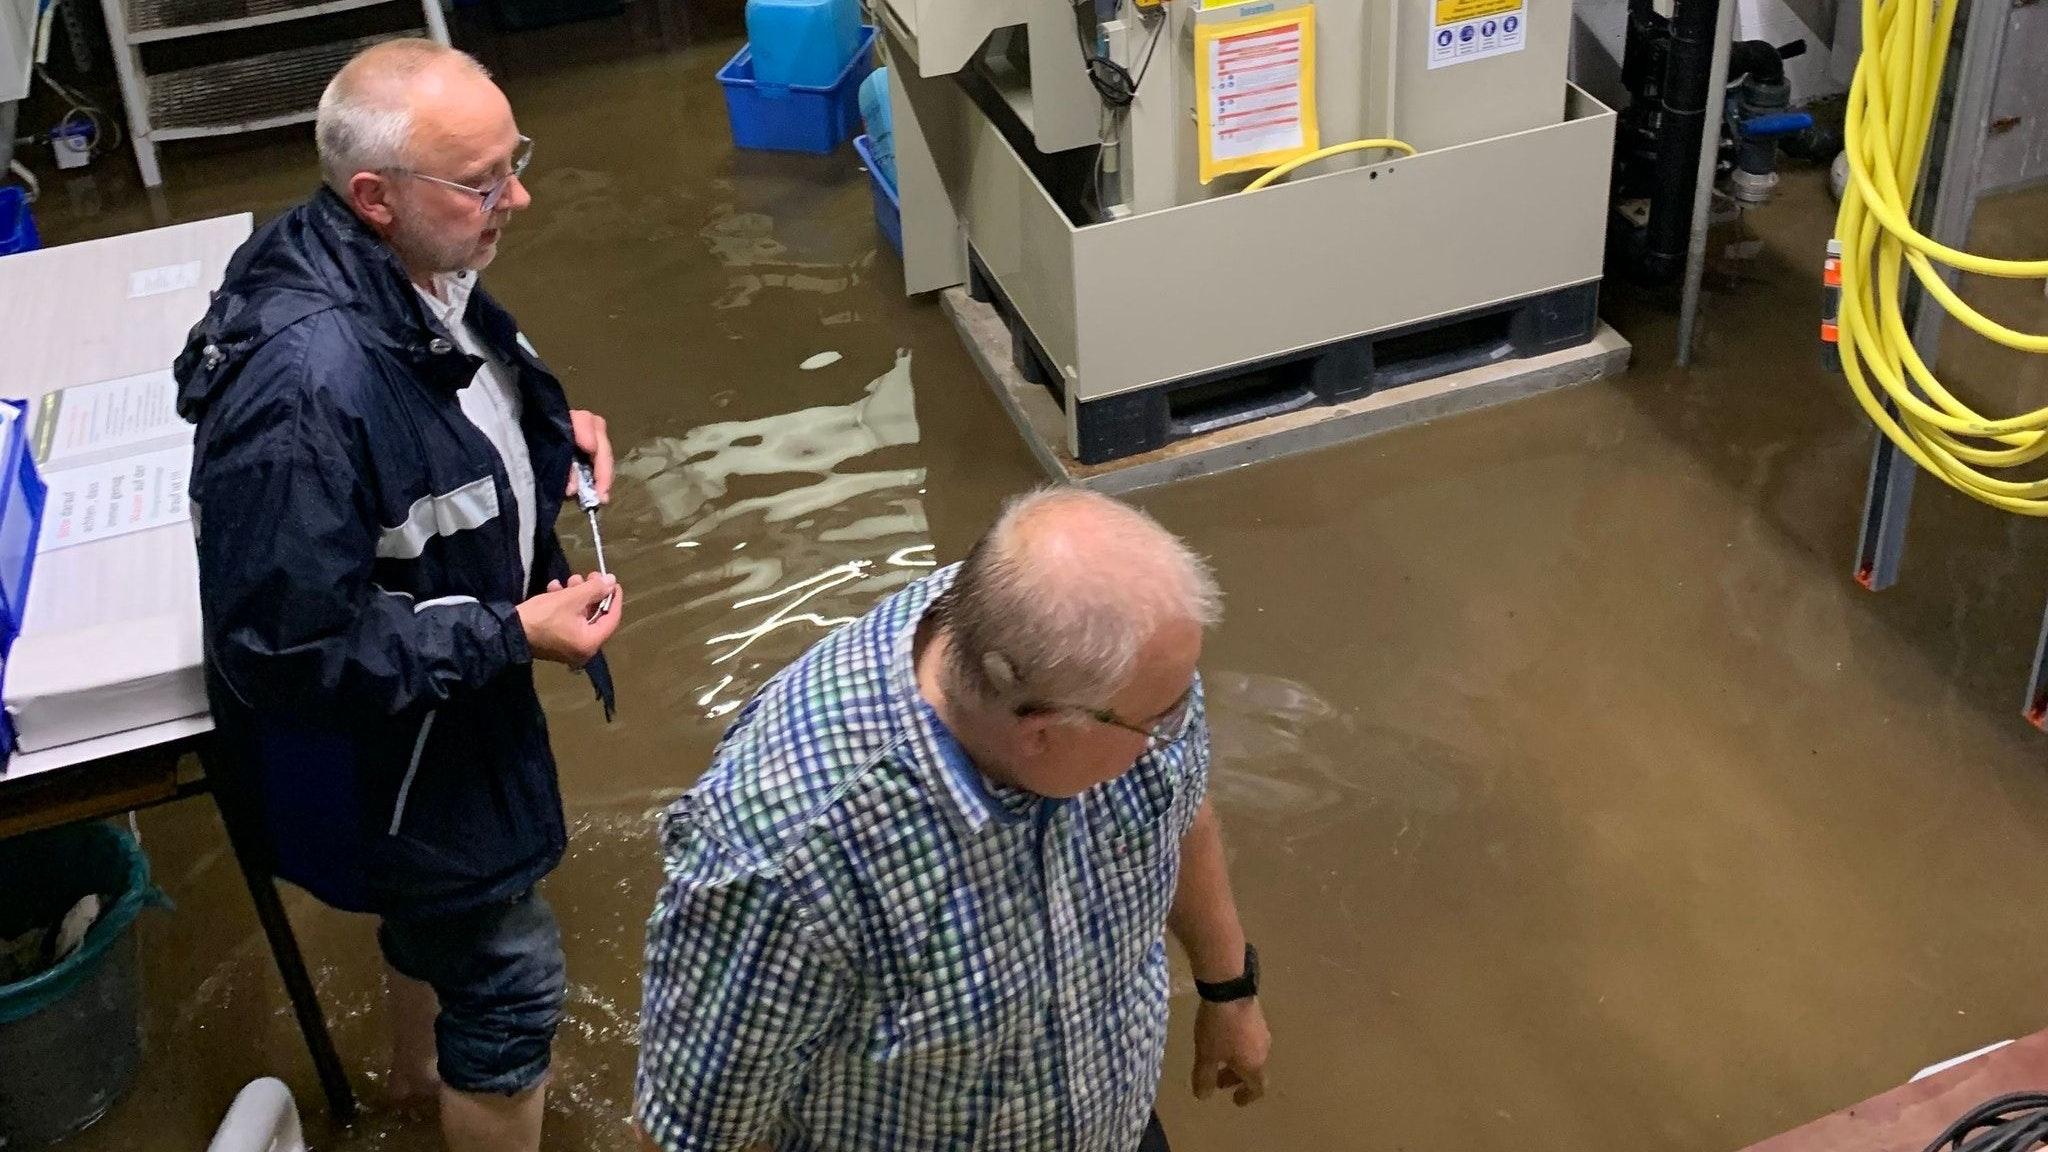 Einsatz in Bakum: Erst vor Kurzem hatte es in Bakum so stark geregnet, dass das Wasserüber die Schmutzwasserkanalisation den Technikraum des Hallenbades überschwemmte. Foto: Averbeck